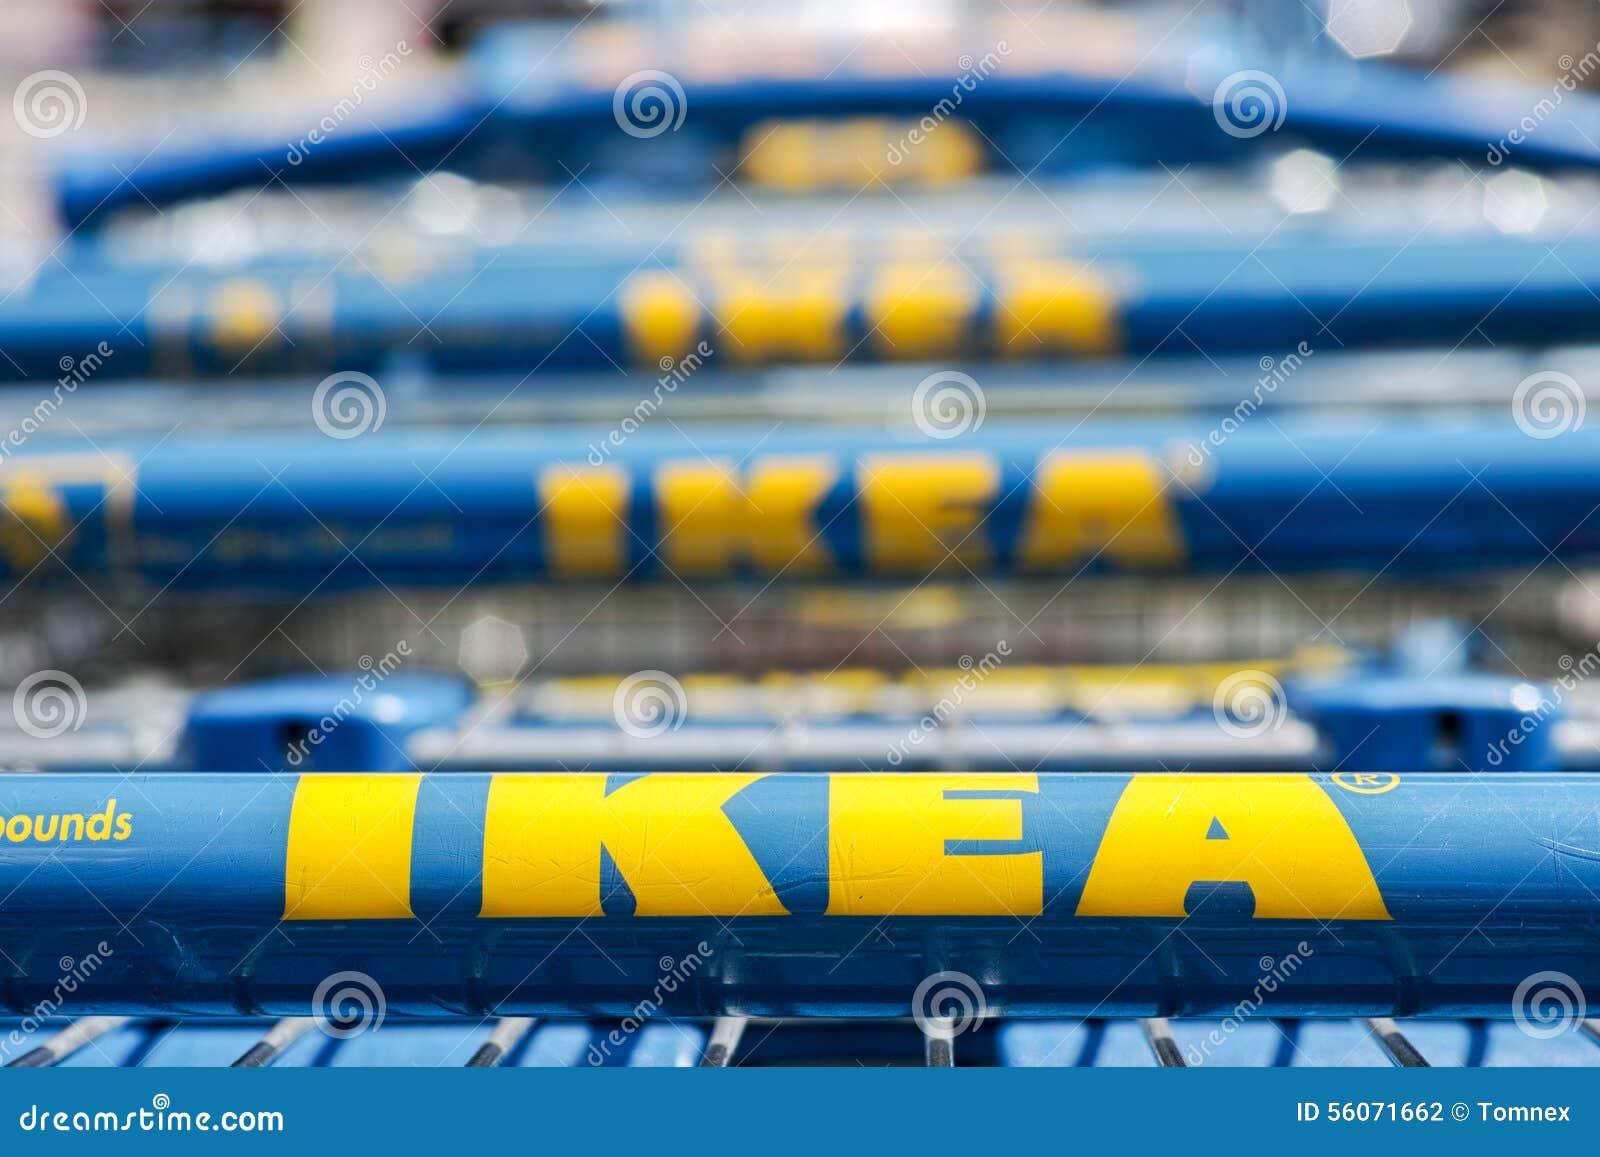 Ikea-boodschappenwagentjes